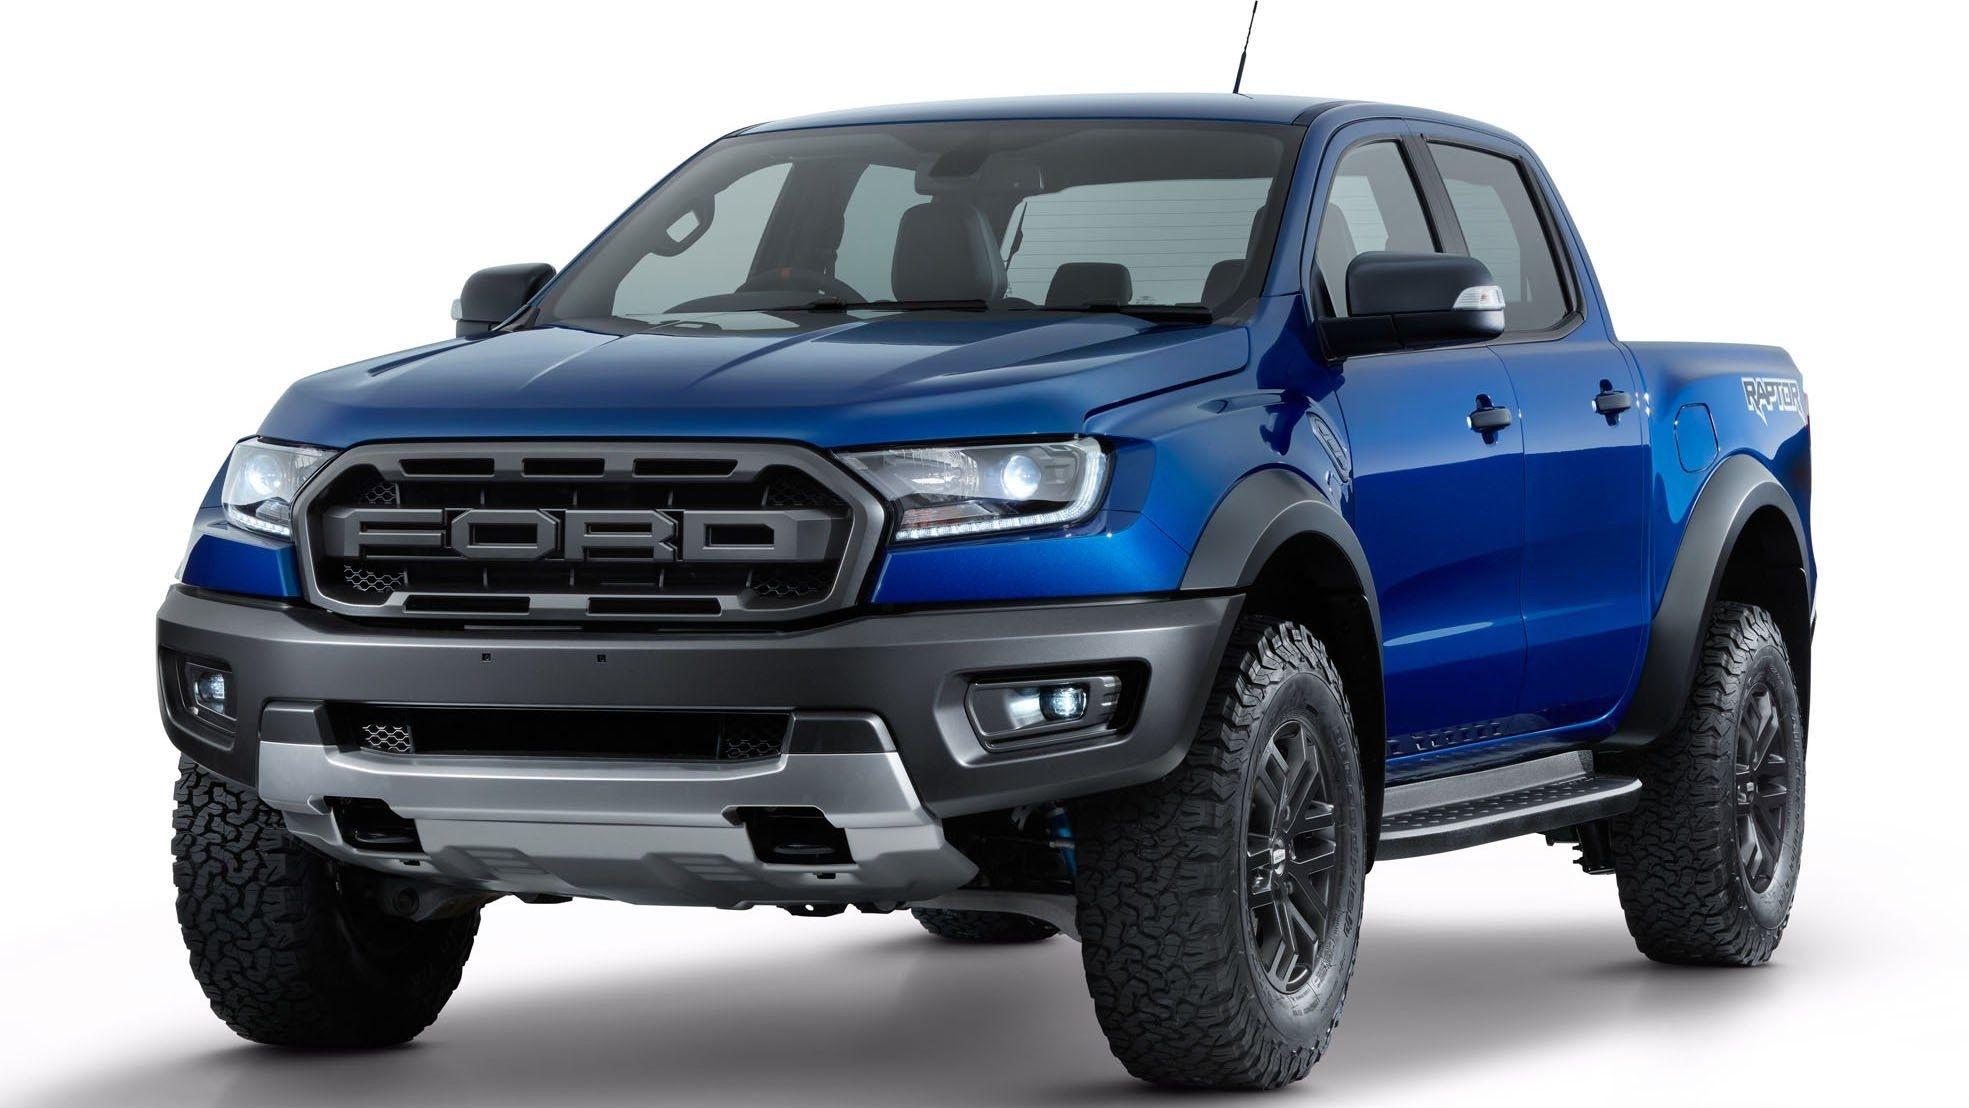 Luxury Ford Ranger 2019 Raptor Https Jetsuv Com Luxury Ford